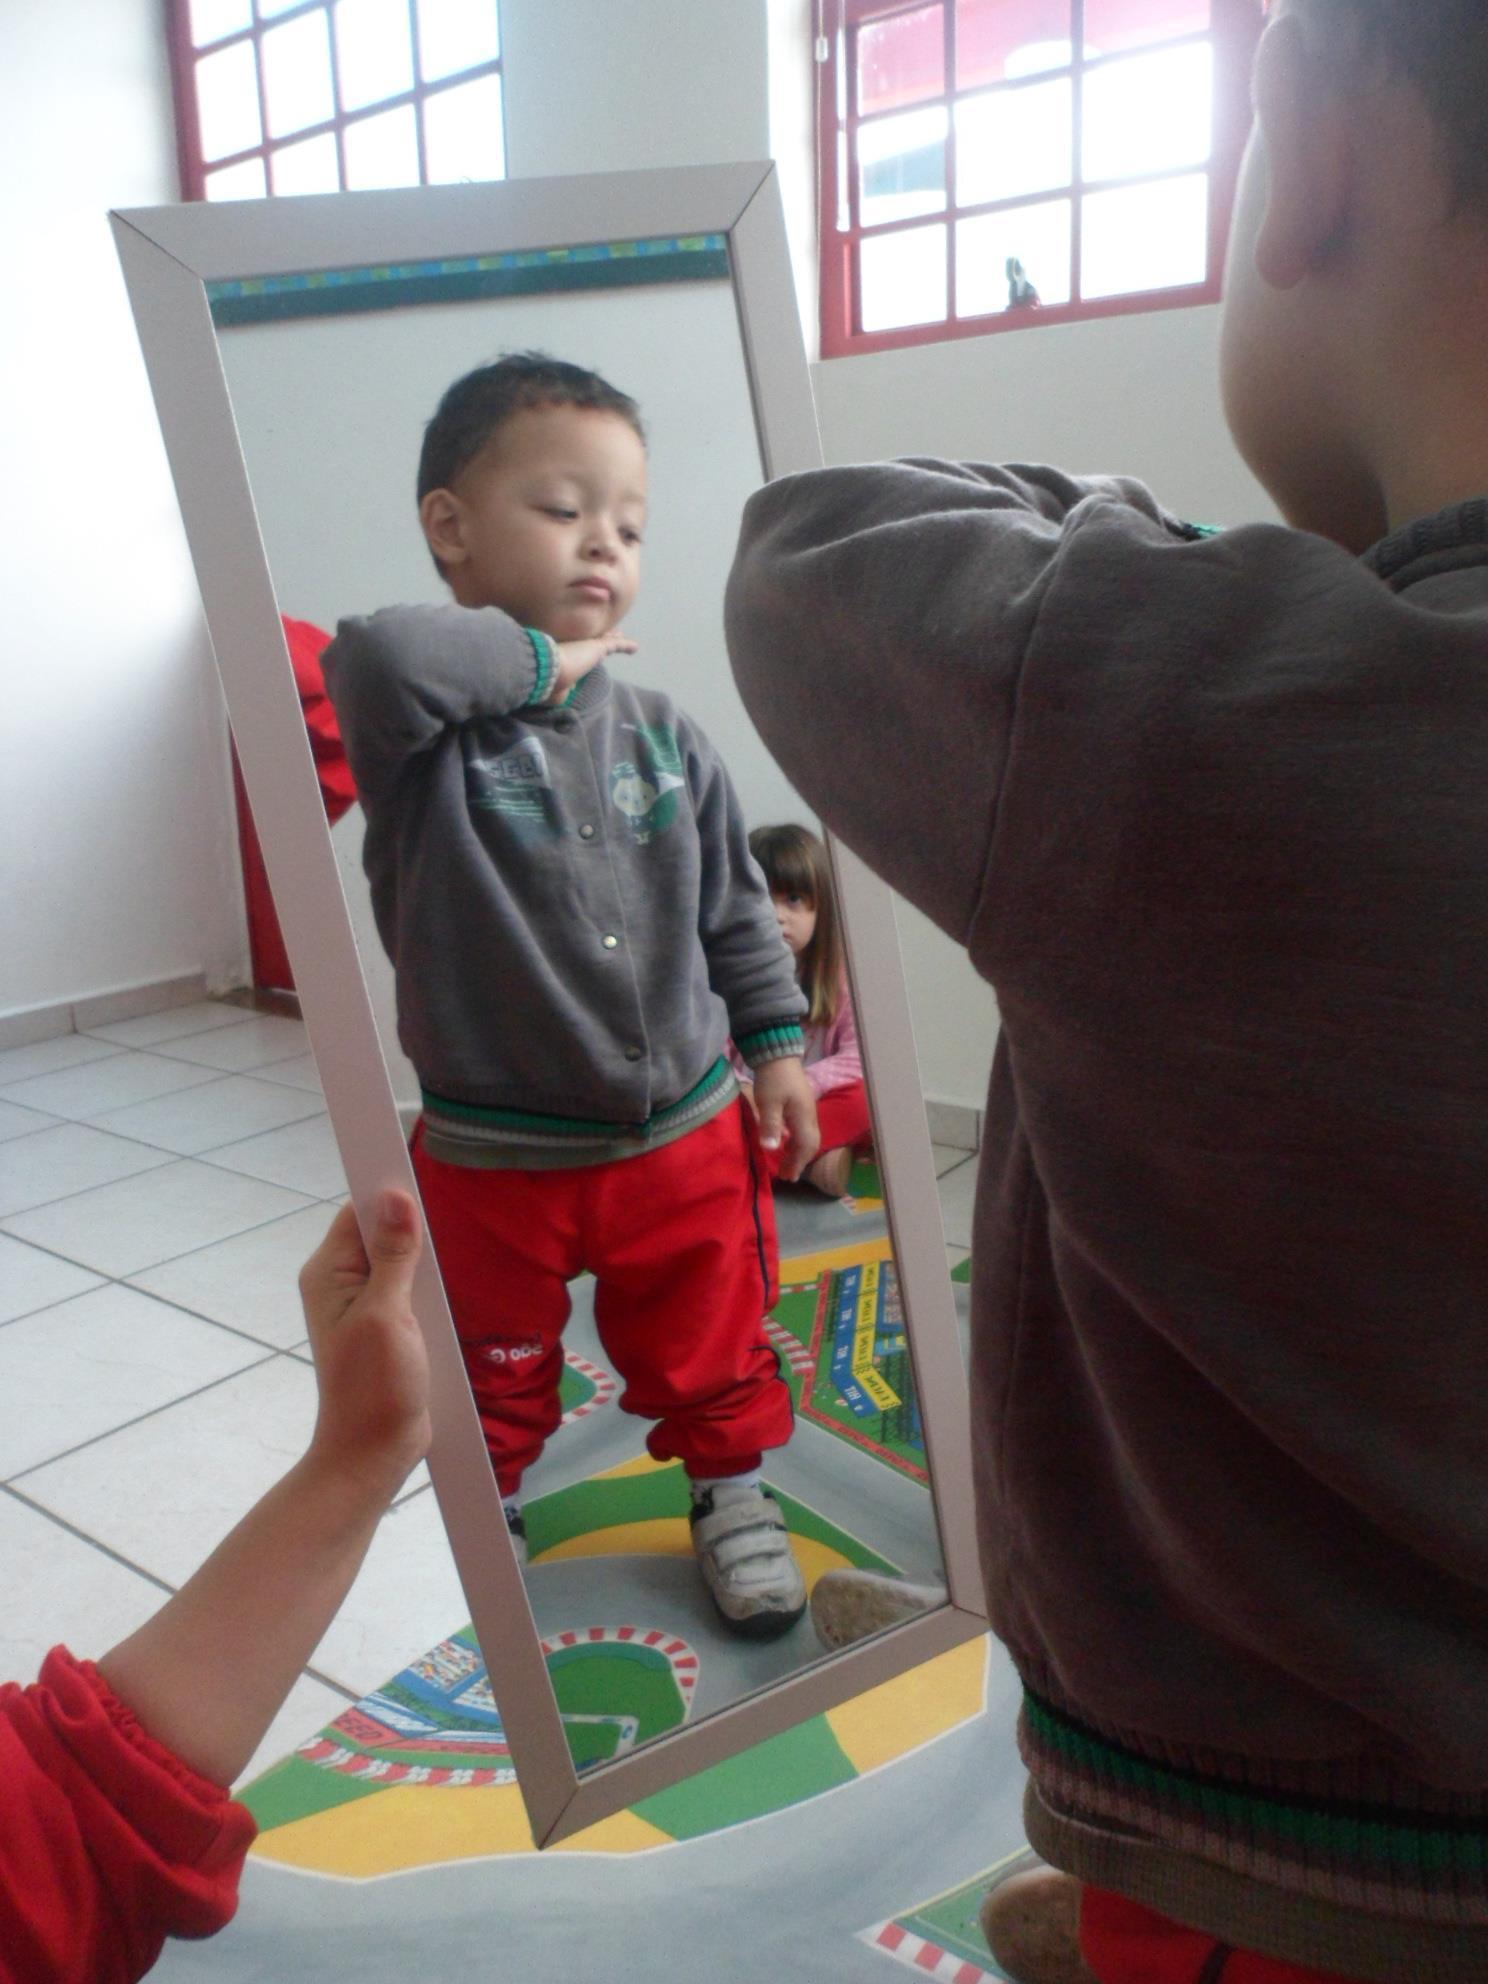 Brincadeiras em frente ao espelho